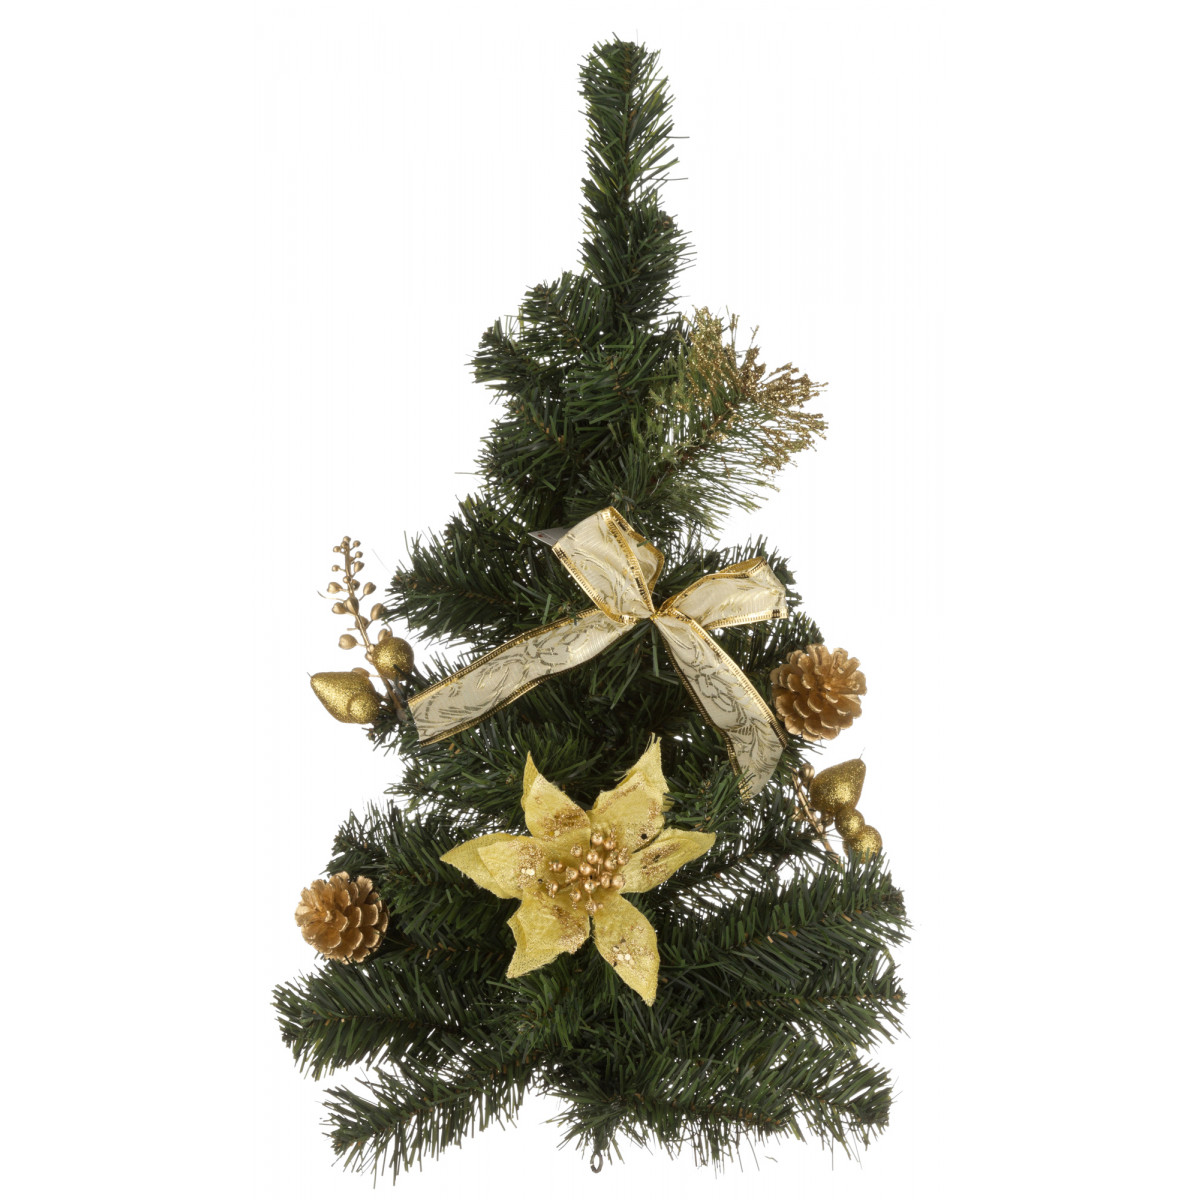 {} Lefard Искусственное растение Jazlyn  (50 см) lefard искусственное растение arley 85 см